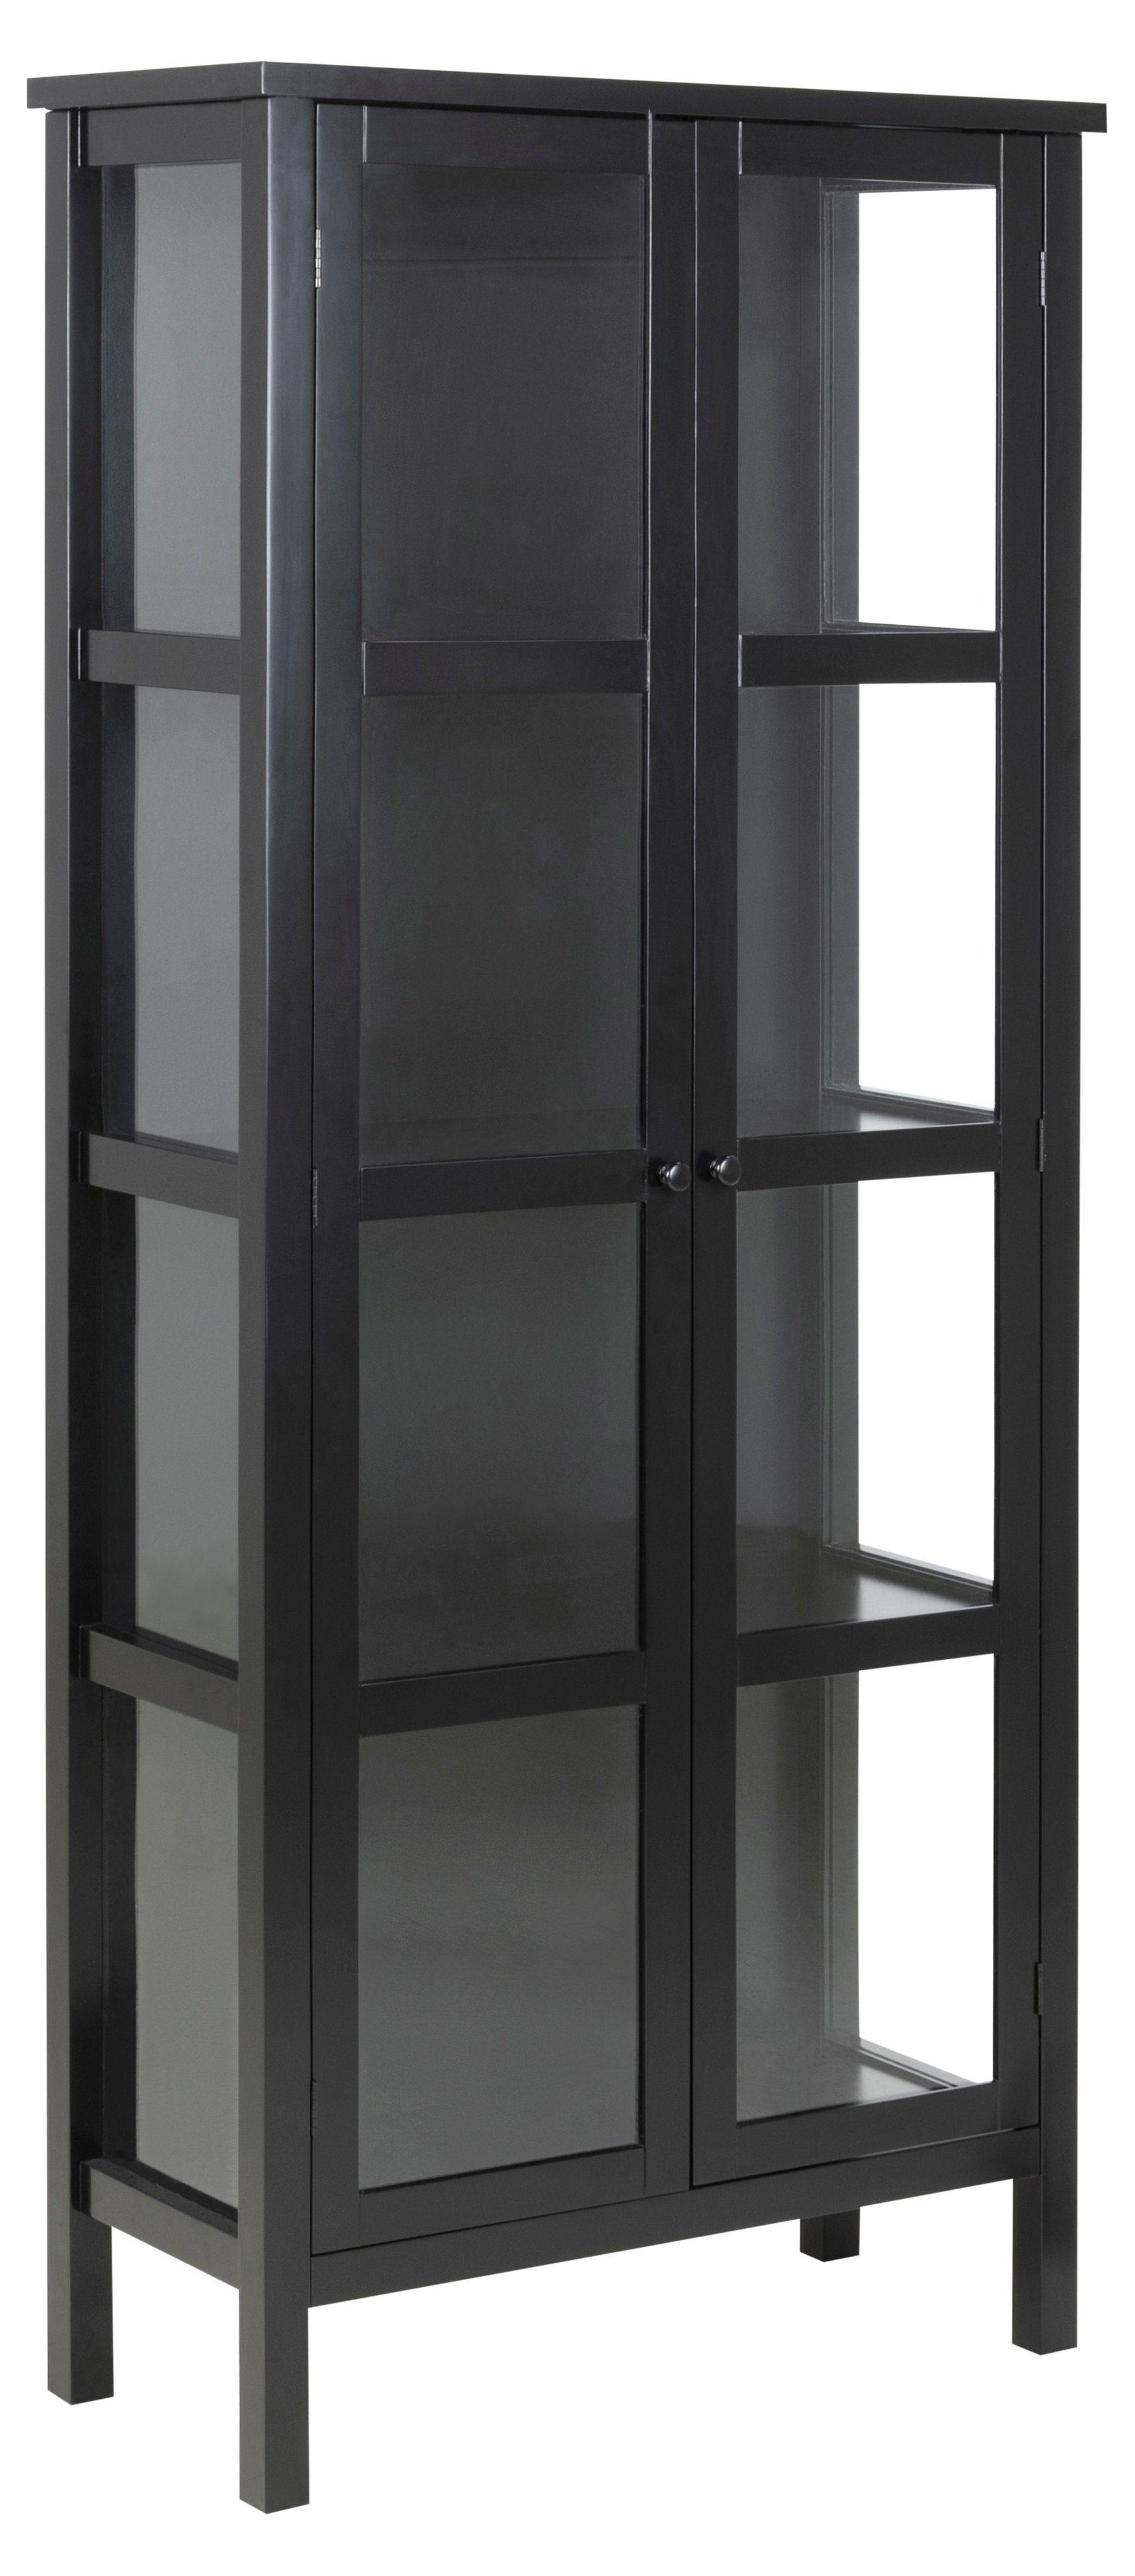 ebuy24 Vitrine »Etor Vitrinenschrank mit 2 Glastüren schwarz.« online kaufen   OTTO